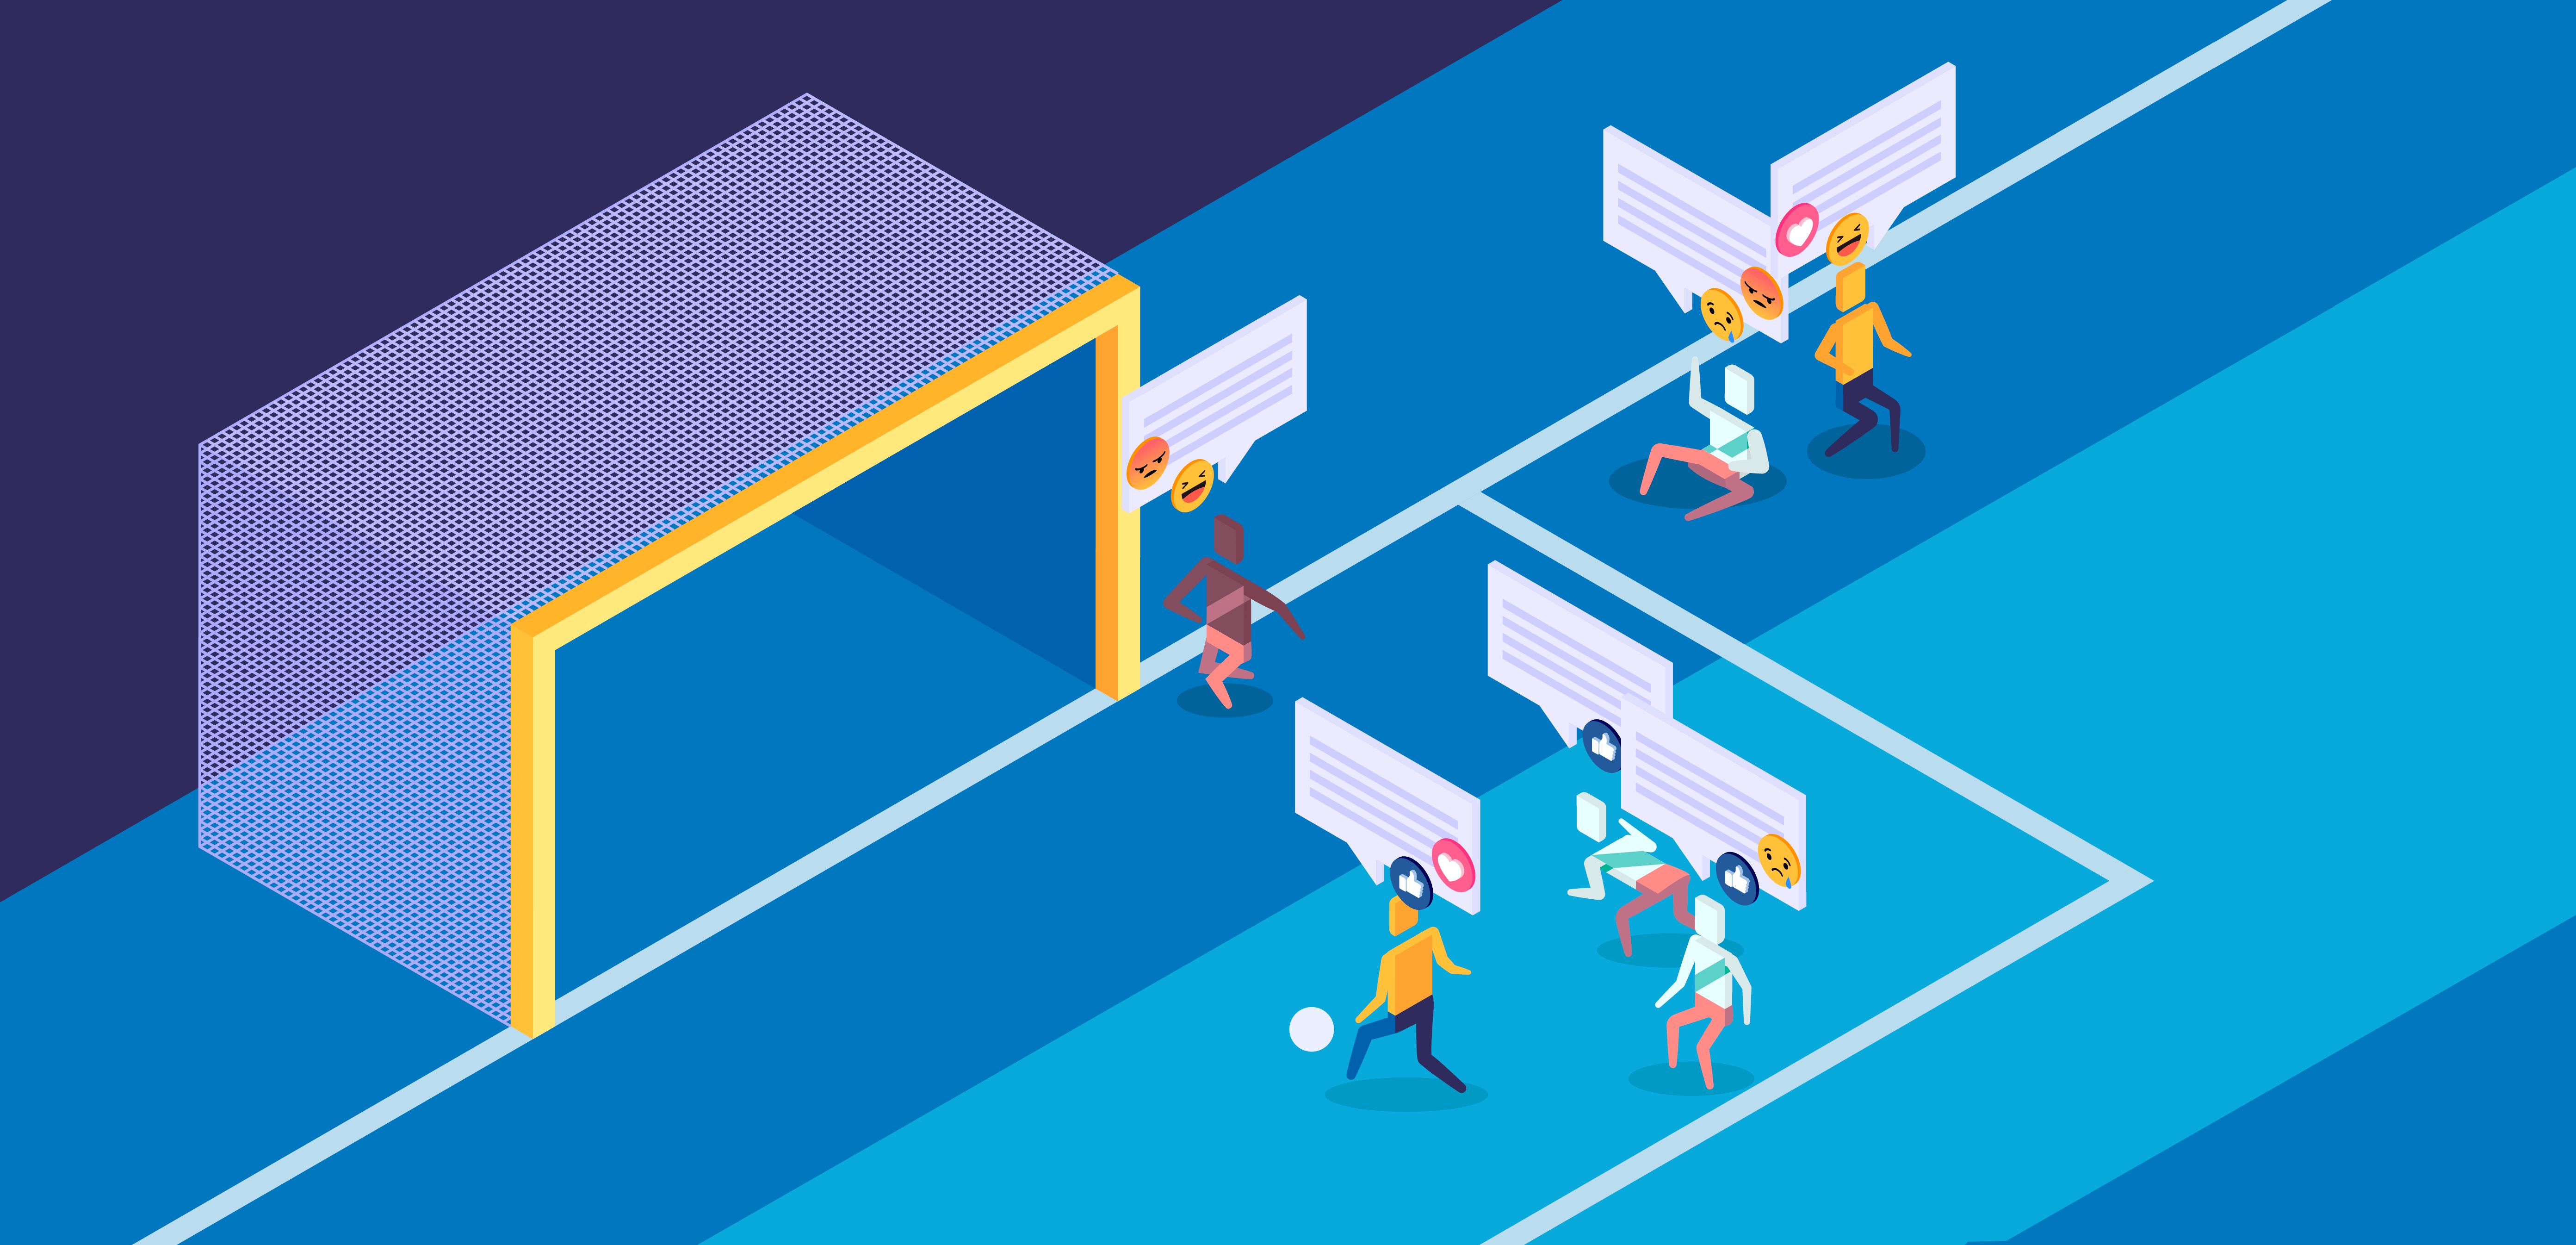 Em clima de Copa do Mundo, e-book gratuito ajuda marcas a serem campeãs no relacionamento com o cliente durante o evento